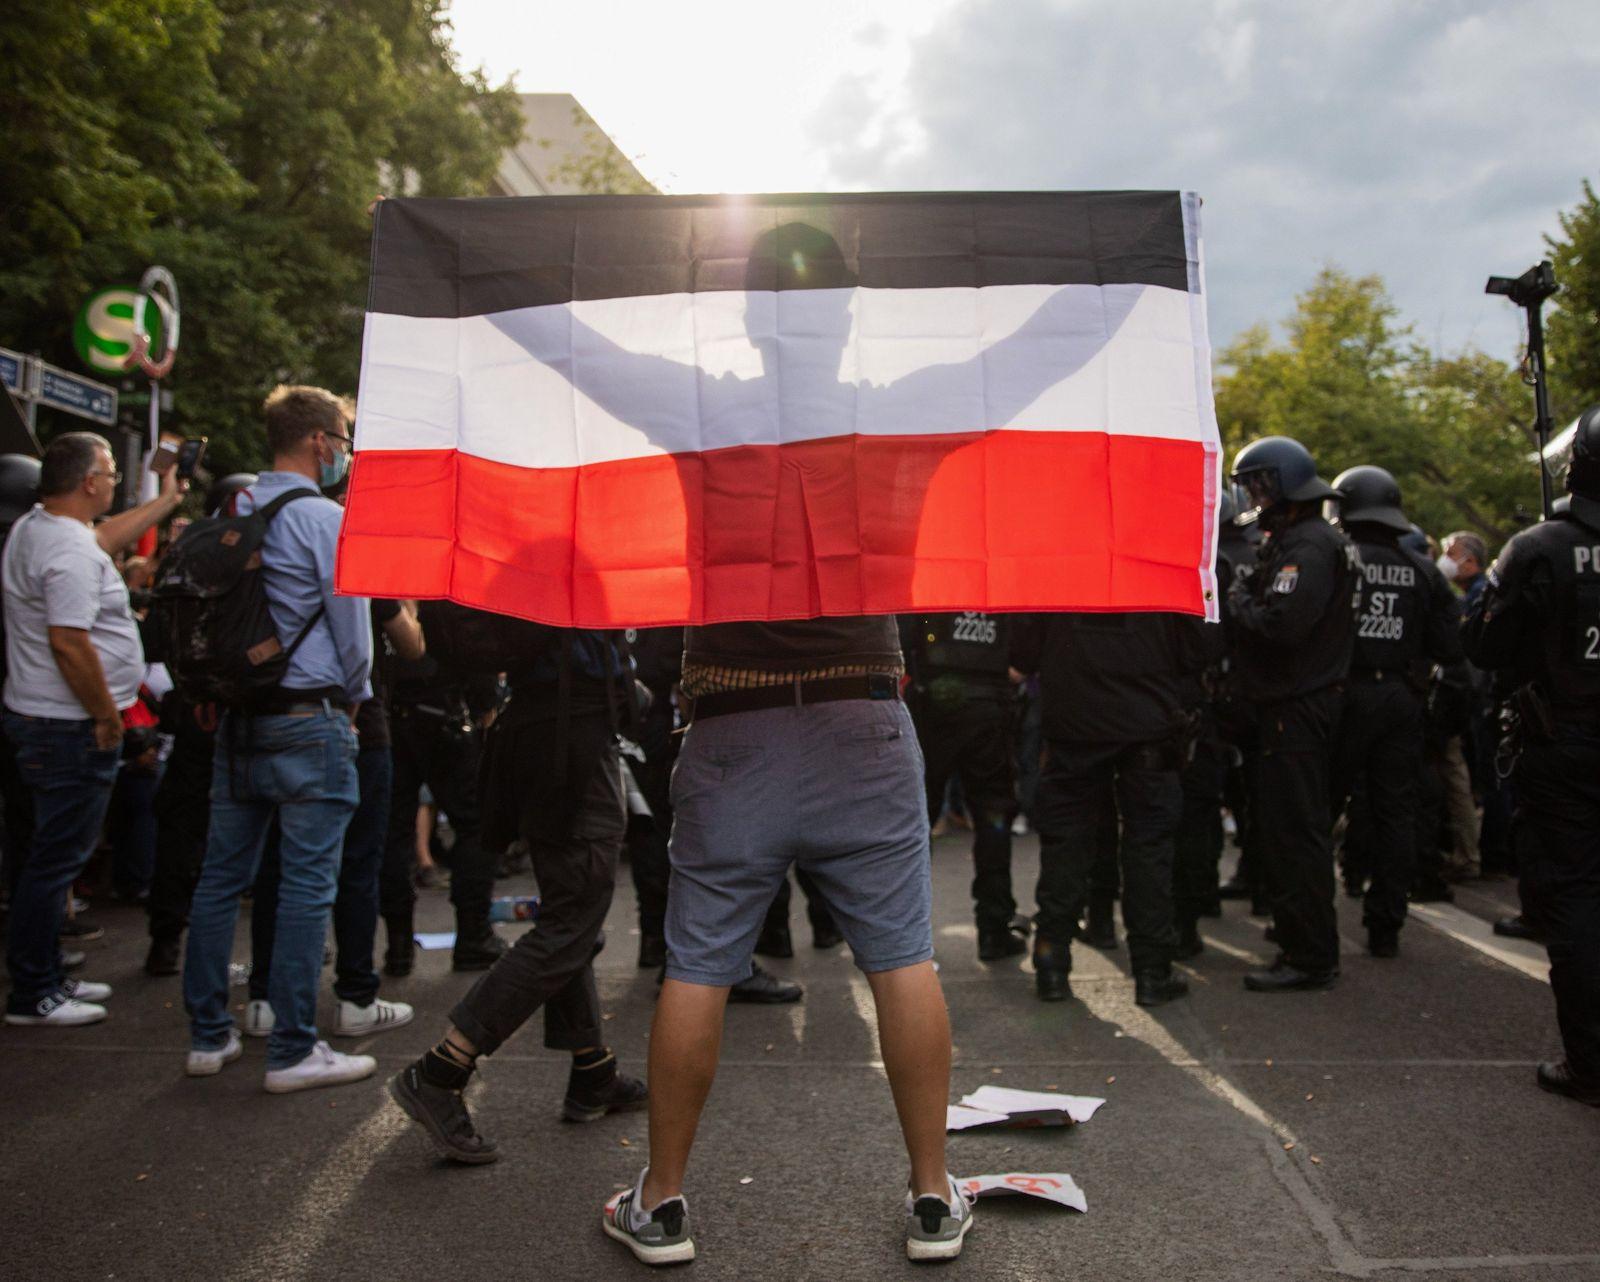 Reichsfahne